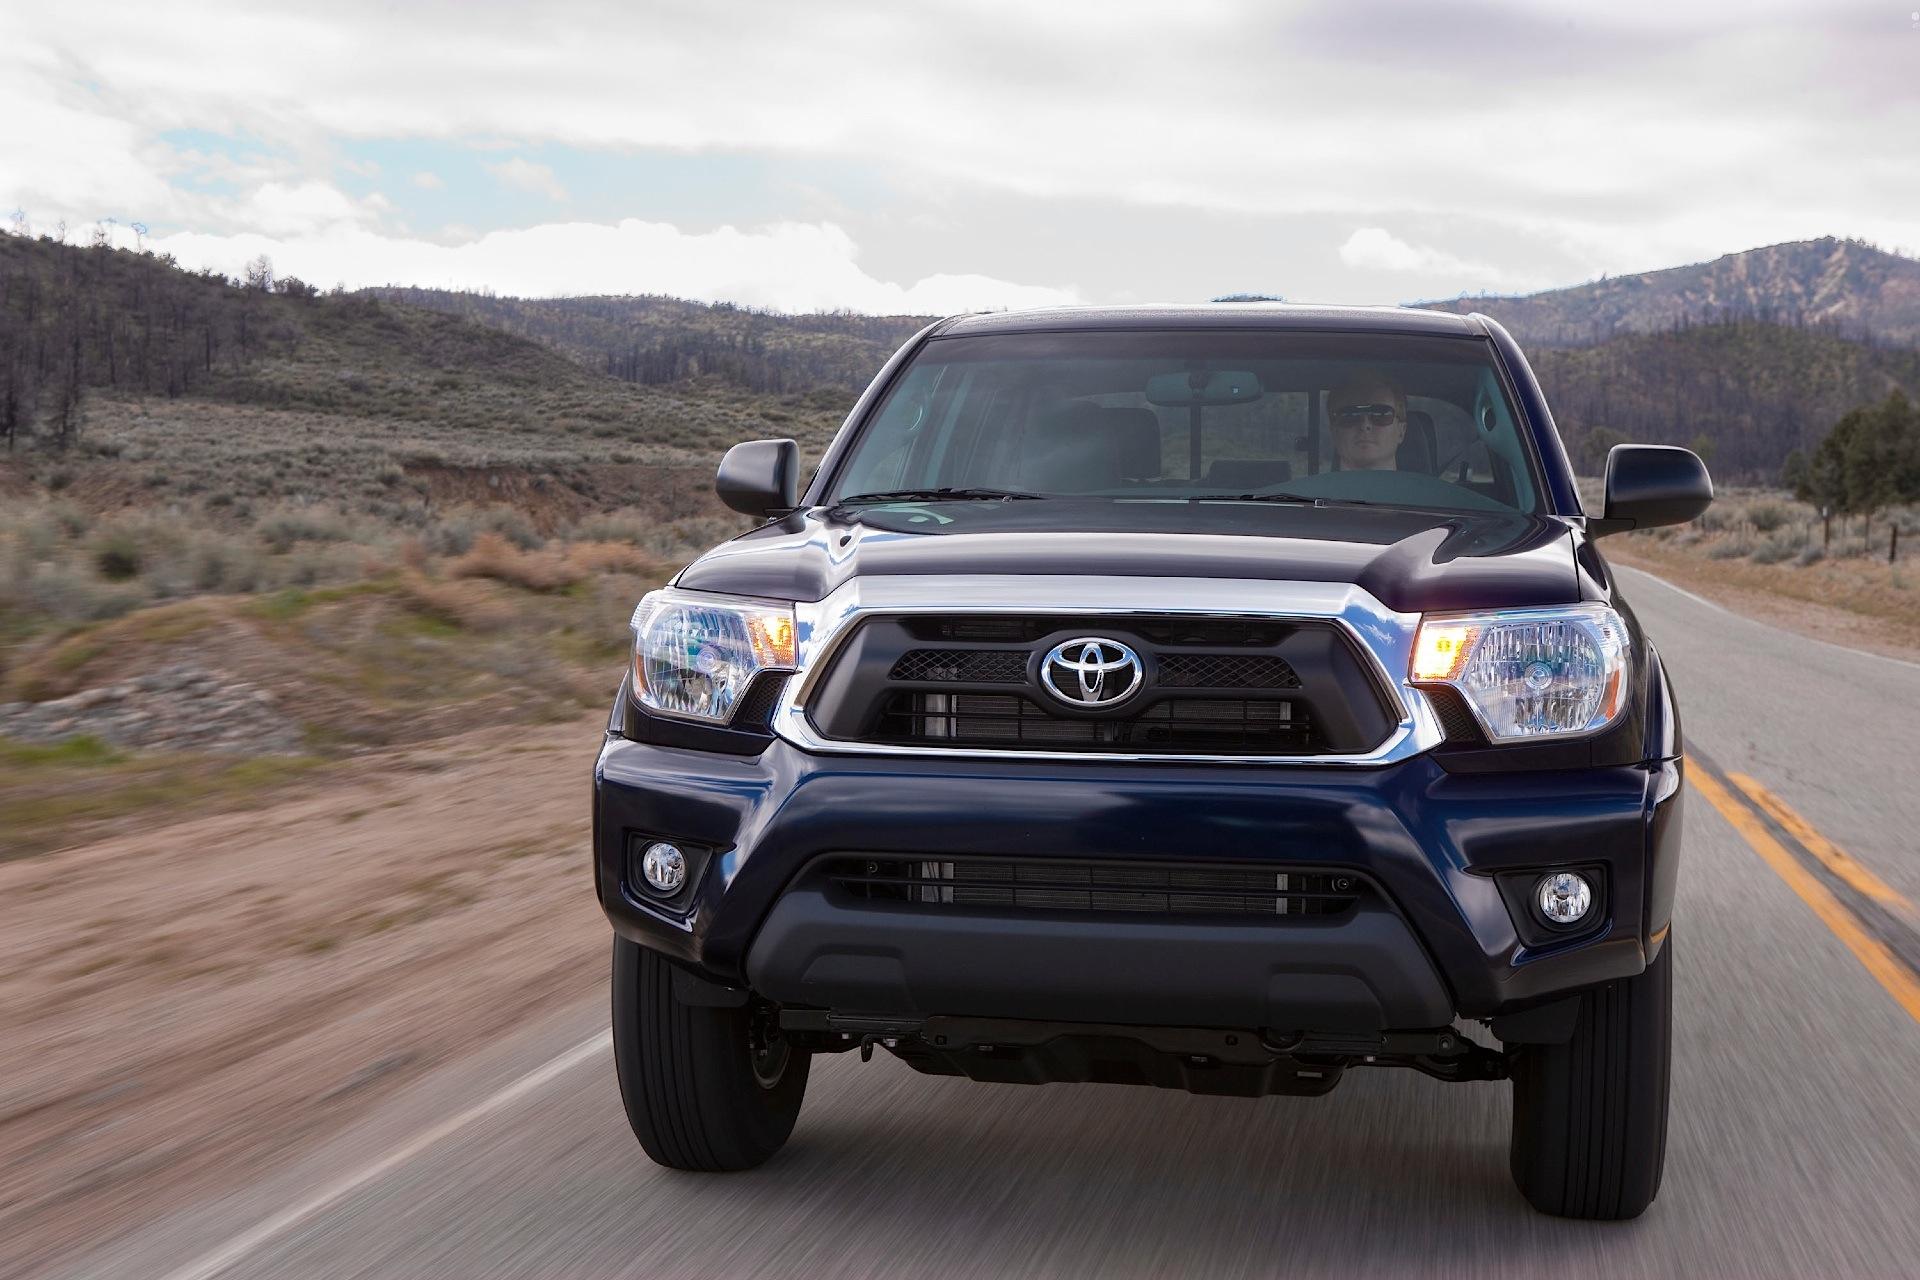 2013 Toyota Tacoma 2.7 >> TOYOTA Tacoma specs - 2005, 2006, 2007, 2008, 2009, 2010, 2011 - autoevolution